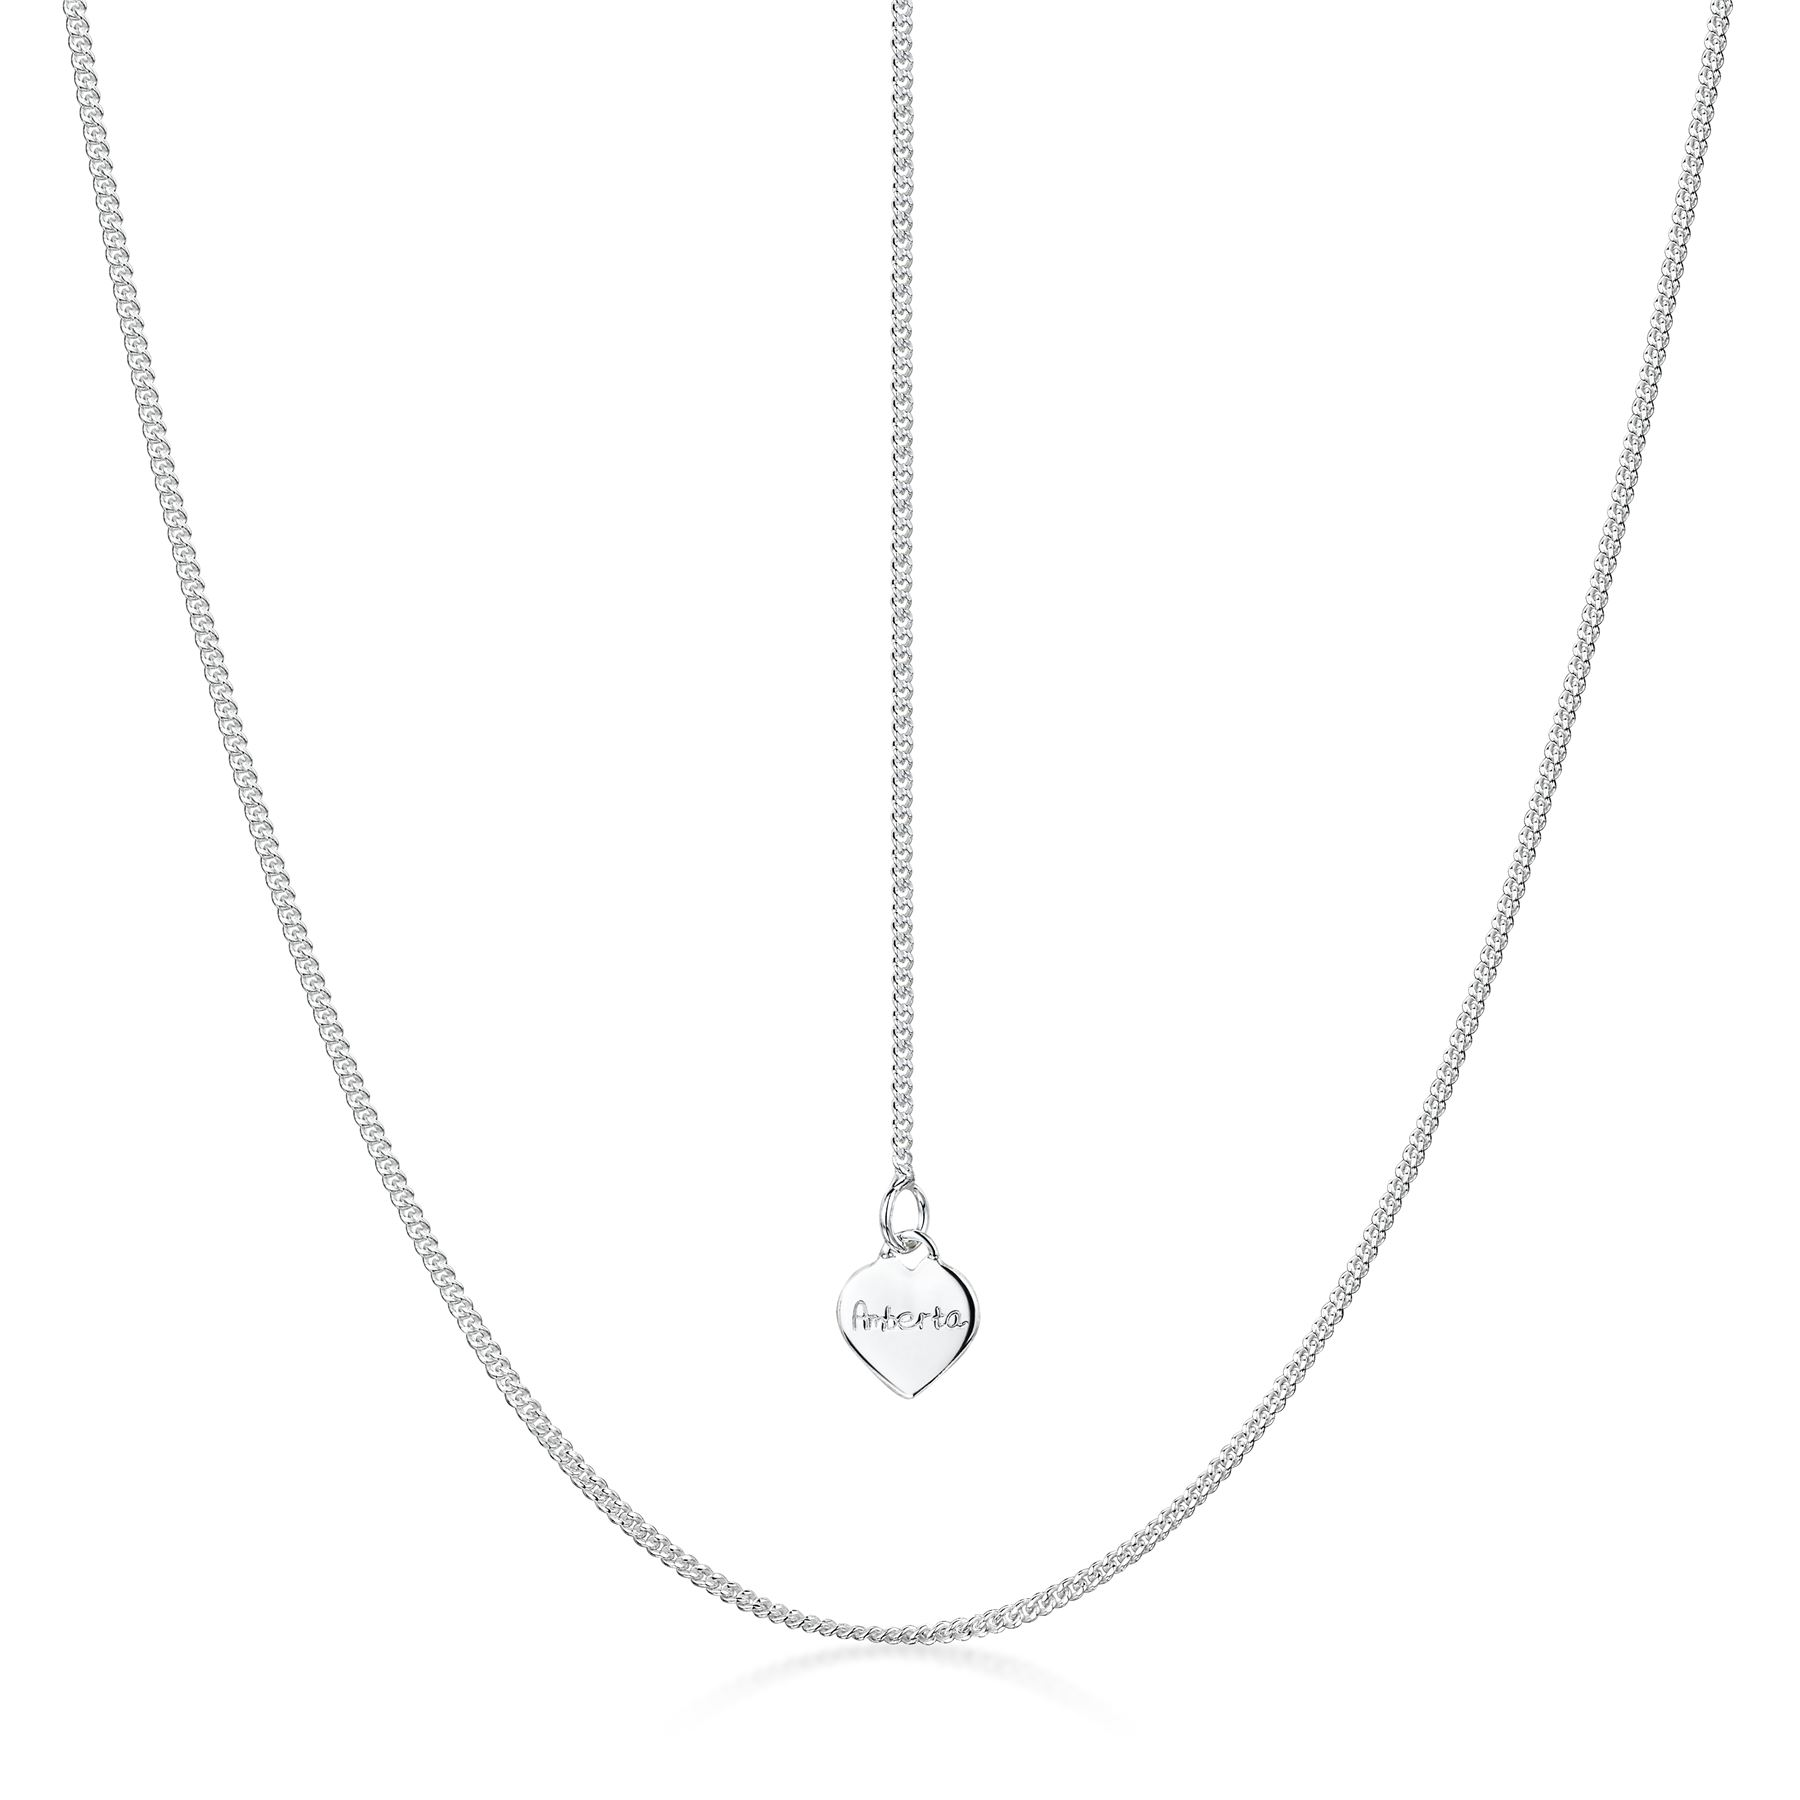 Amberta-Collar-en-Fina-Plata-de-Ley-925-Cadena-de-Corazon-Ajustable-para-Mujer miniatura 13